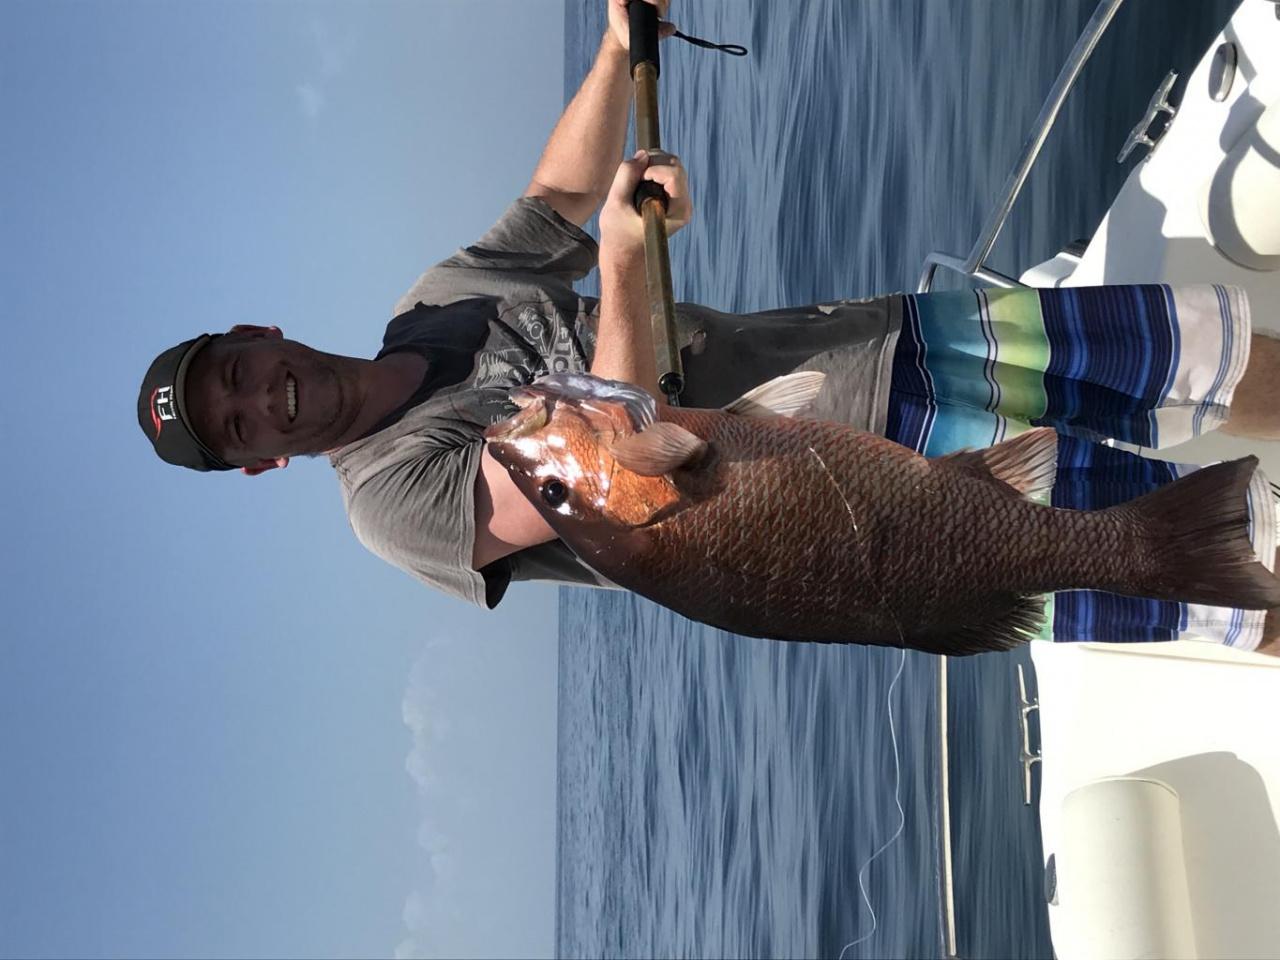 Snapper-fish0014_1562618421244-jpg